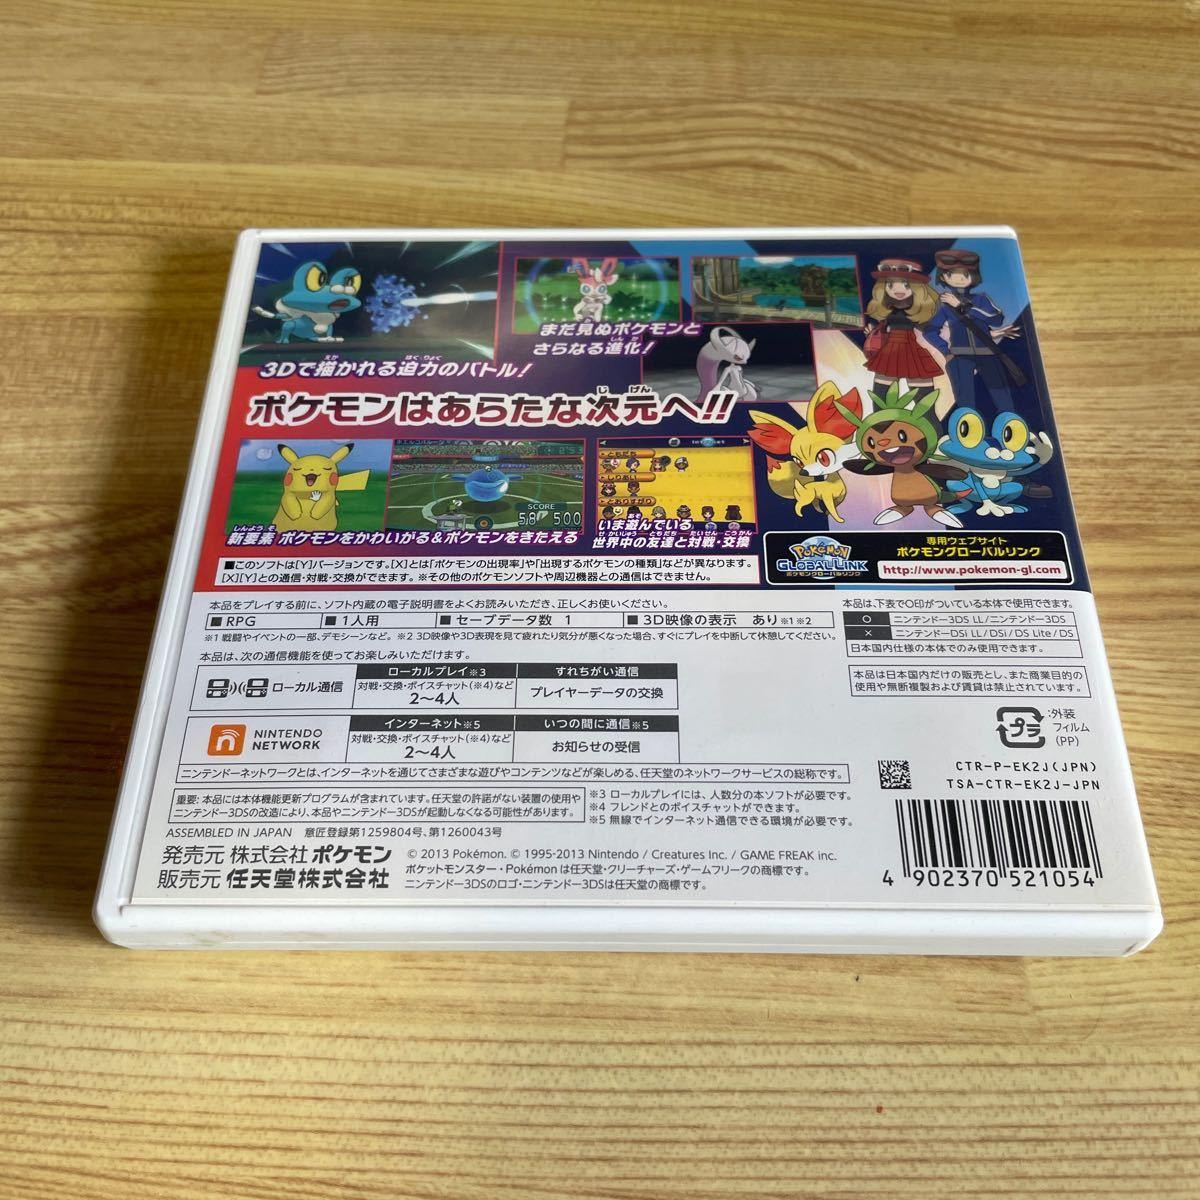 ポケットモンスターY ニンテンドー3DSソフト